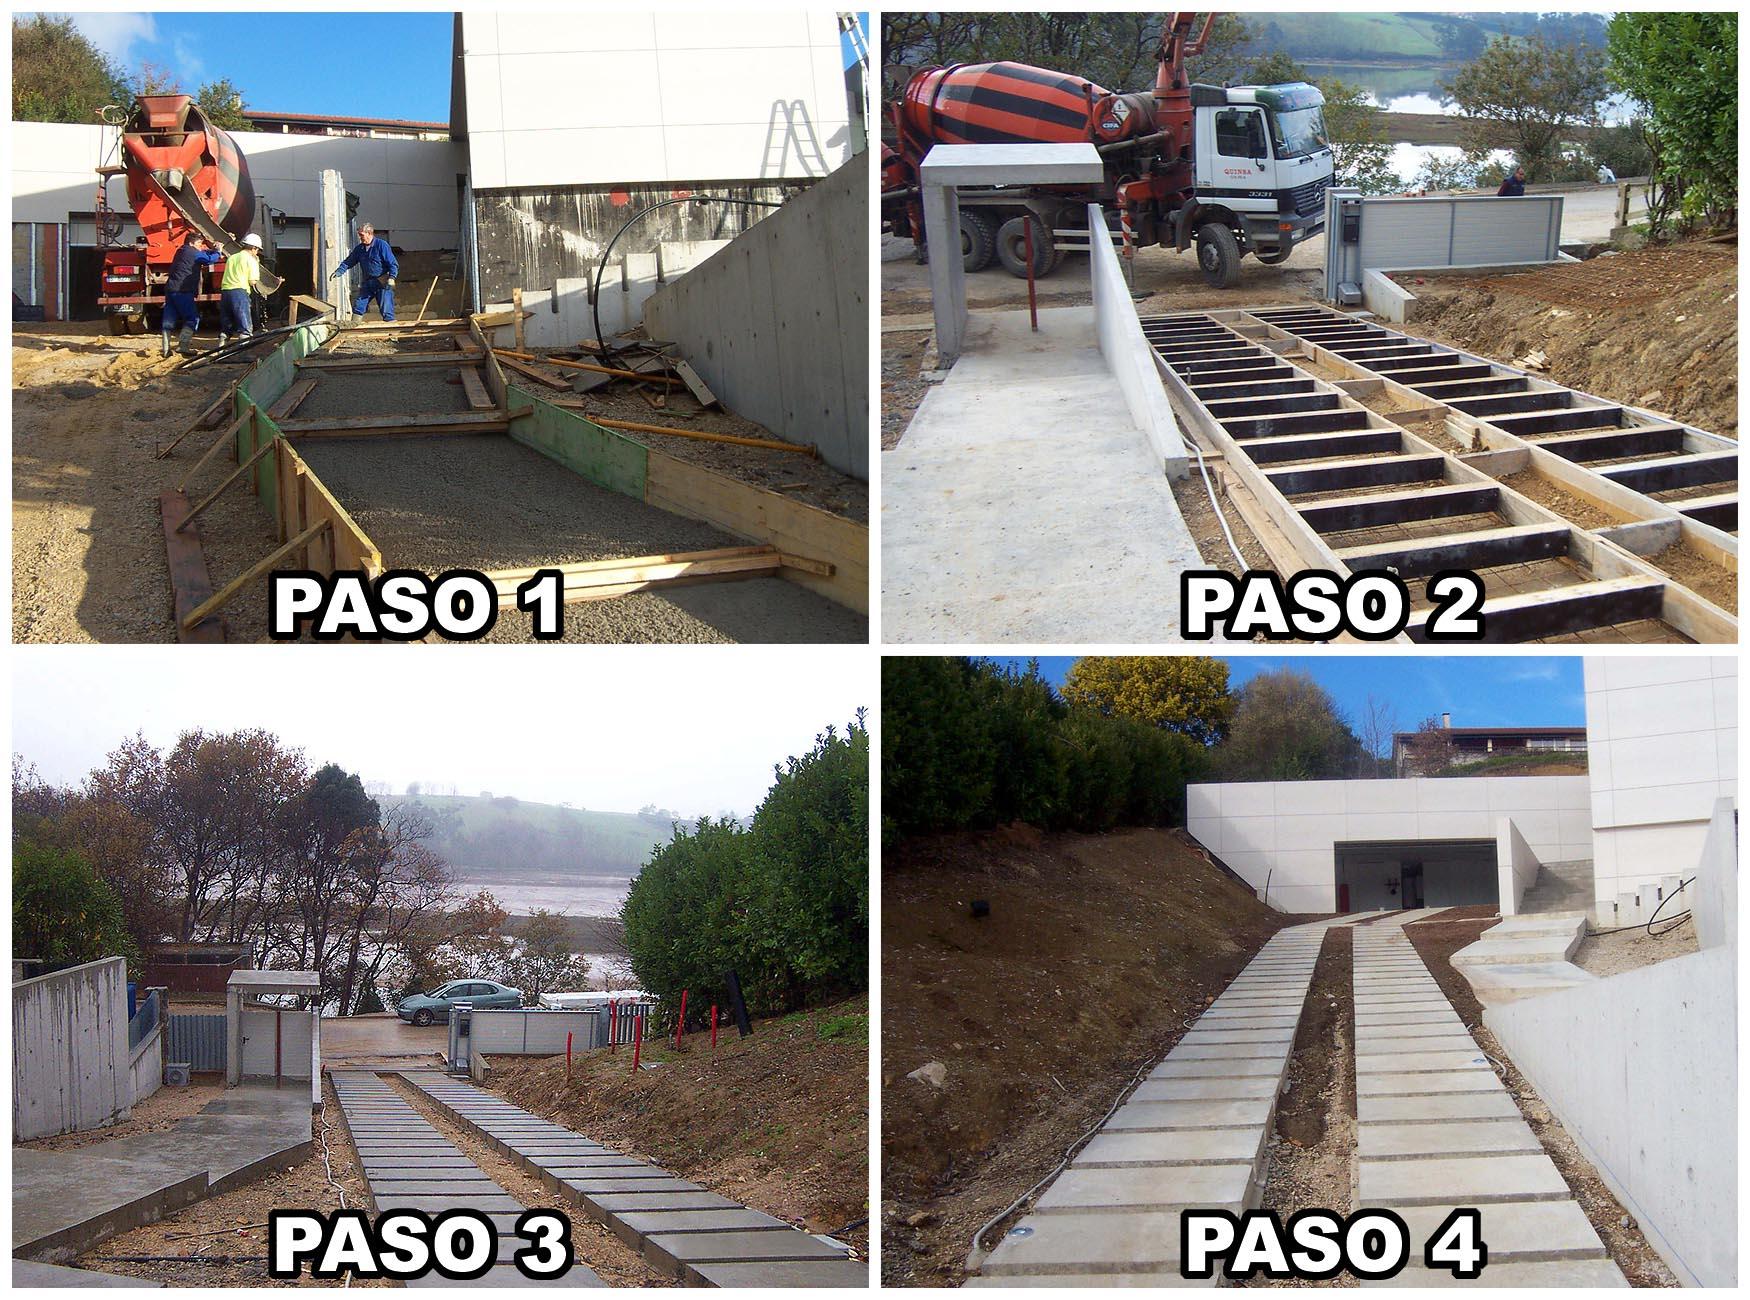 Trabajos urbanización en Cantabria - Construcciones Montoya